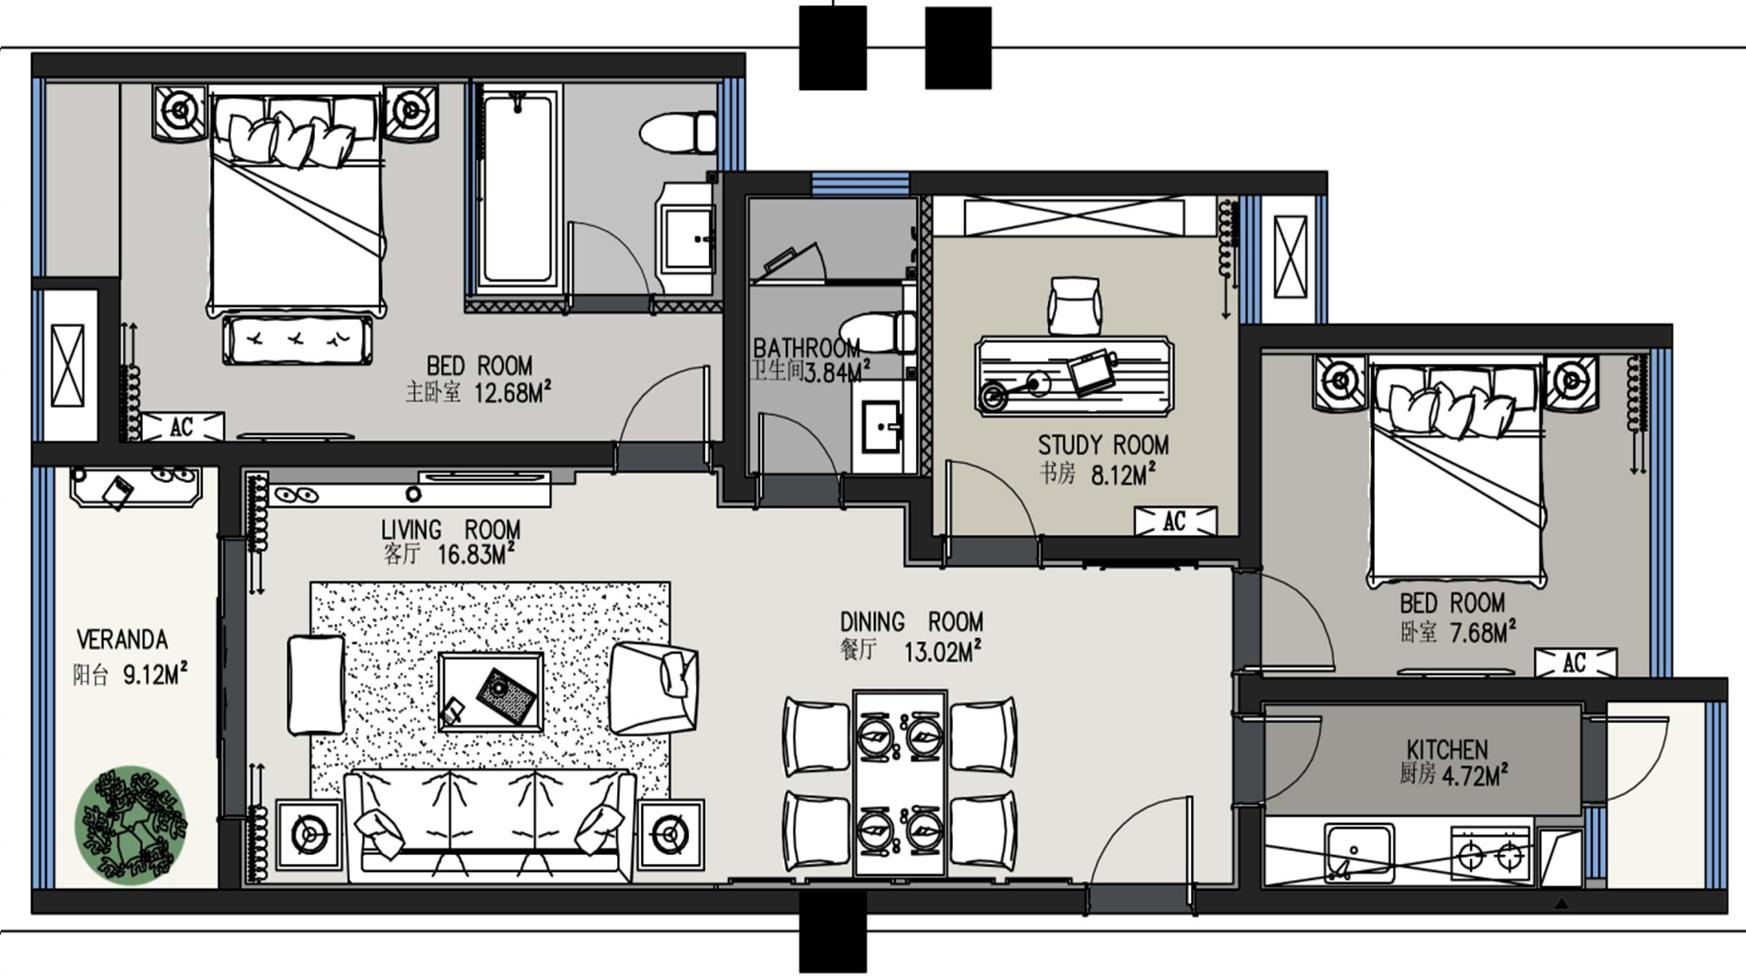 b户型设计说明     通透的空间,明亮的材质,个性的家具,鲜明的色彩